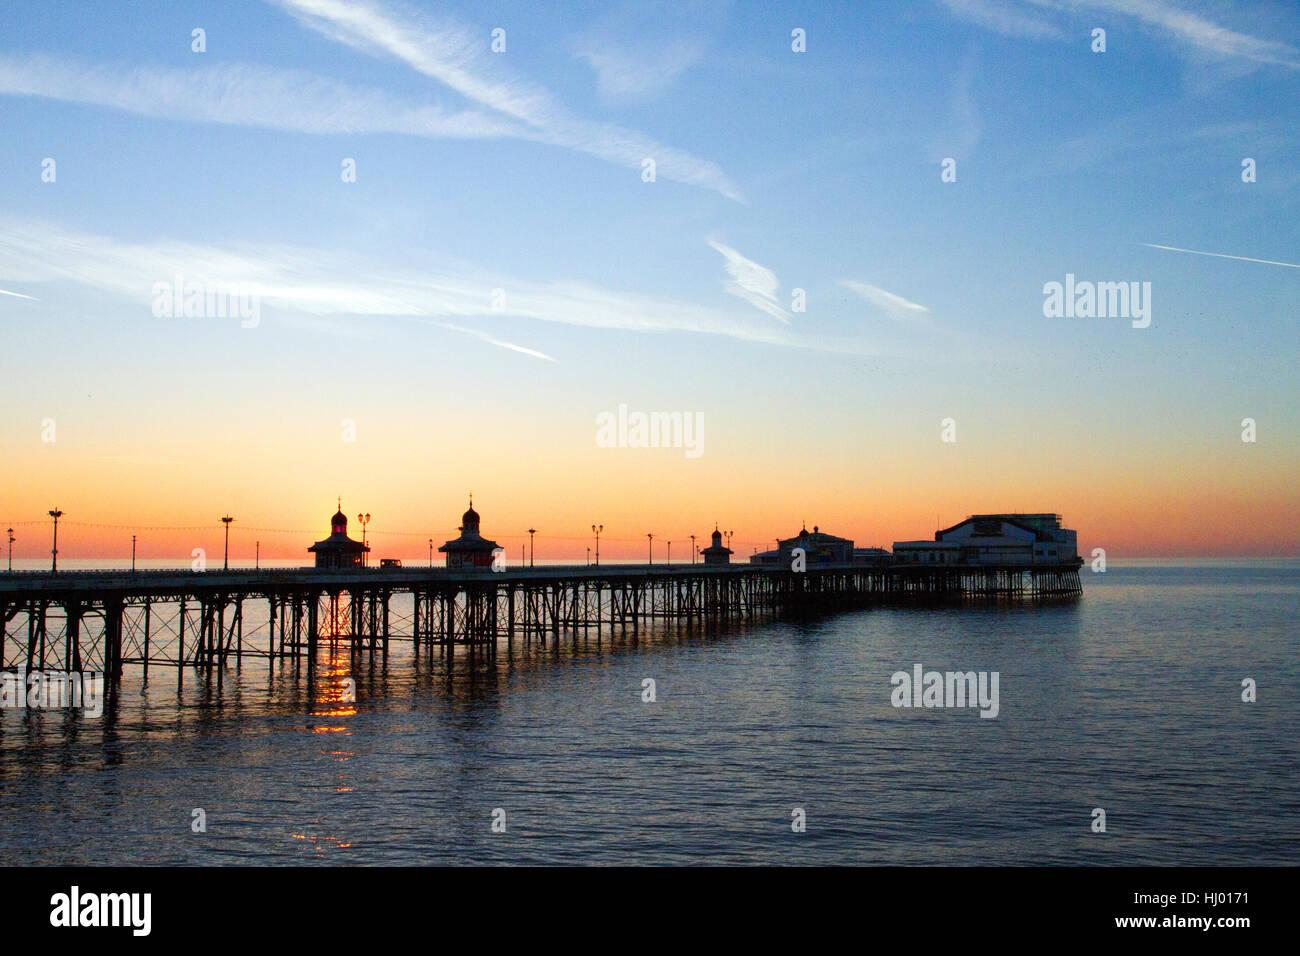 Auszeichnung North Pier, einem viktorianischen Struktur und Wahrzeichen, Lancashire, UK Stockfoto